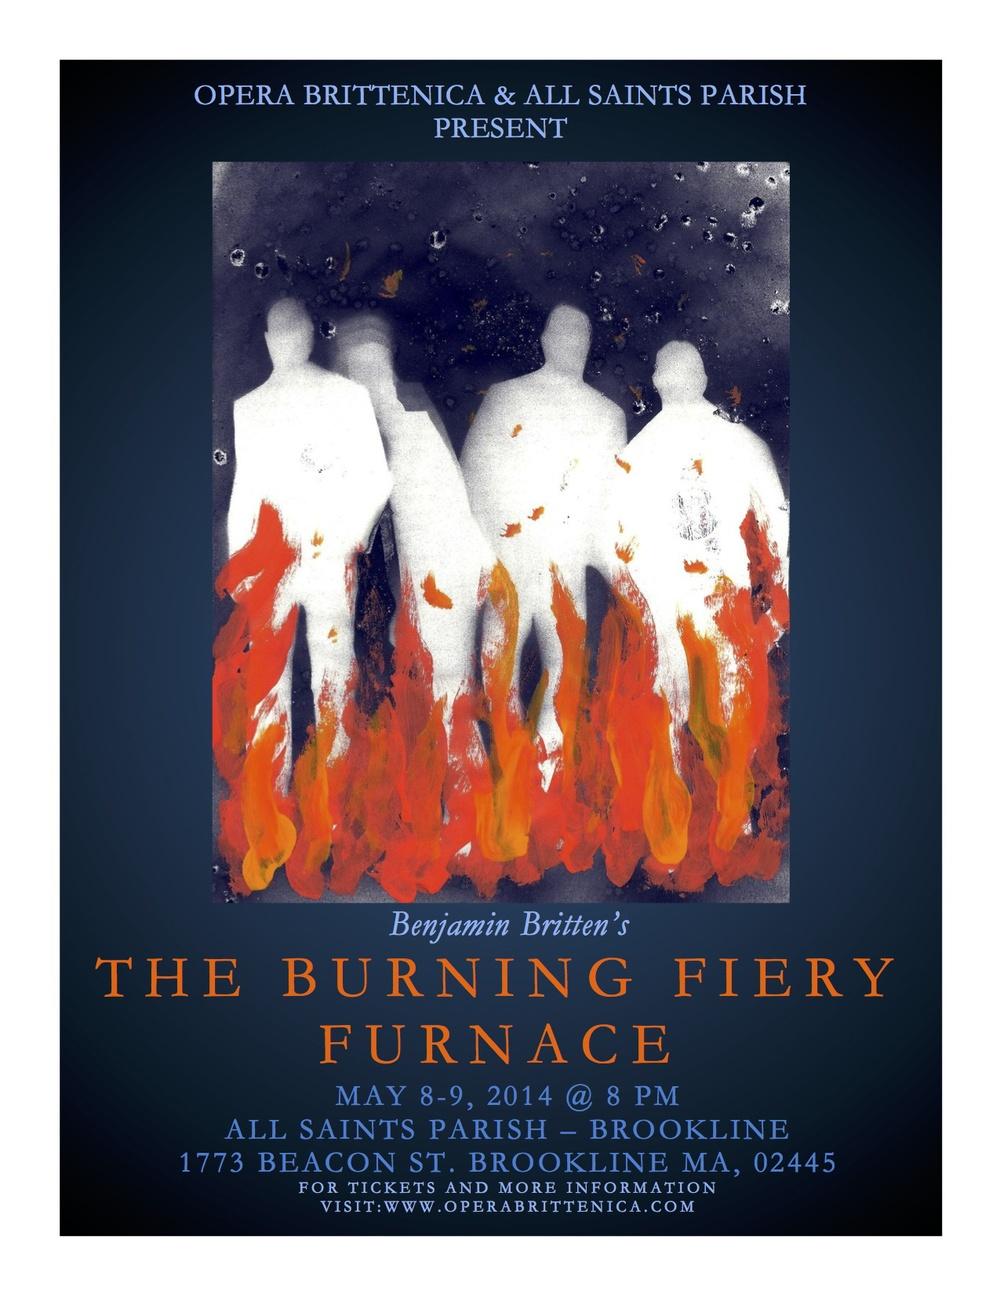 the burning fiery furnace u2014 opera brittenica